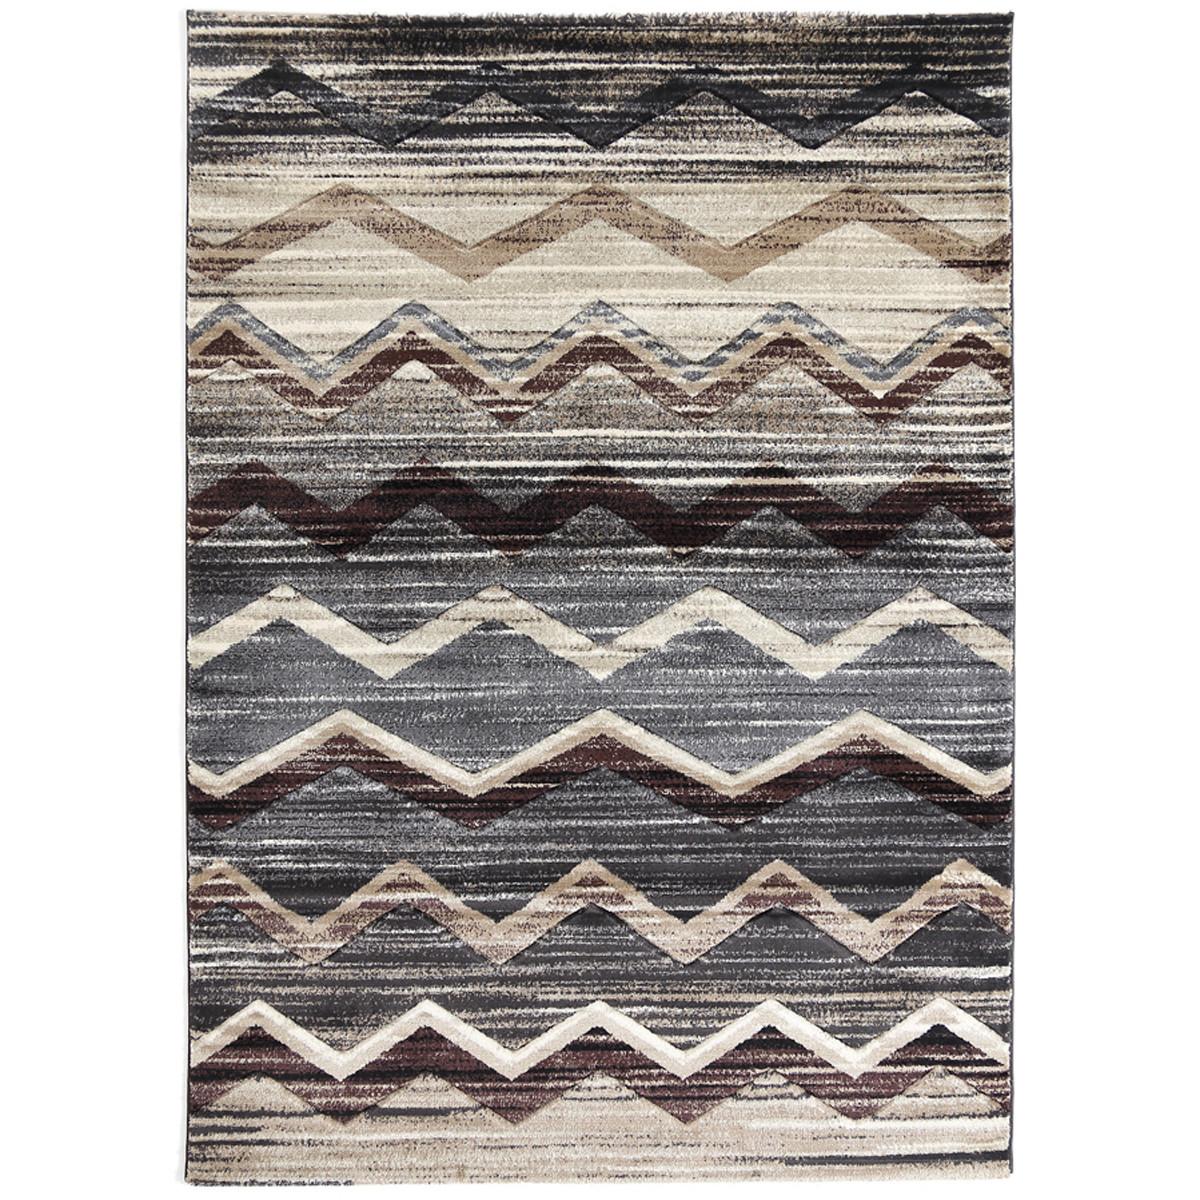 Χαλιά Κρεβατοκάμαρας (Σετ 3τμχ) Royal Carpets Boston 6330A Fume